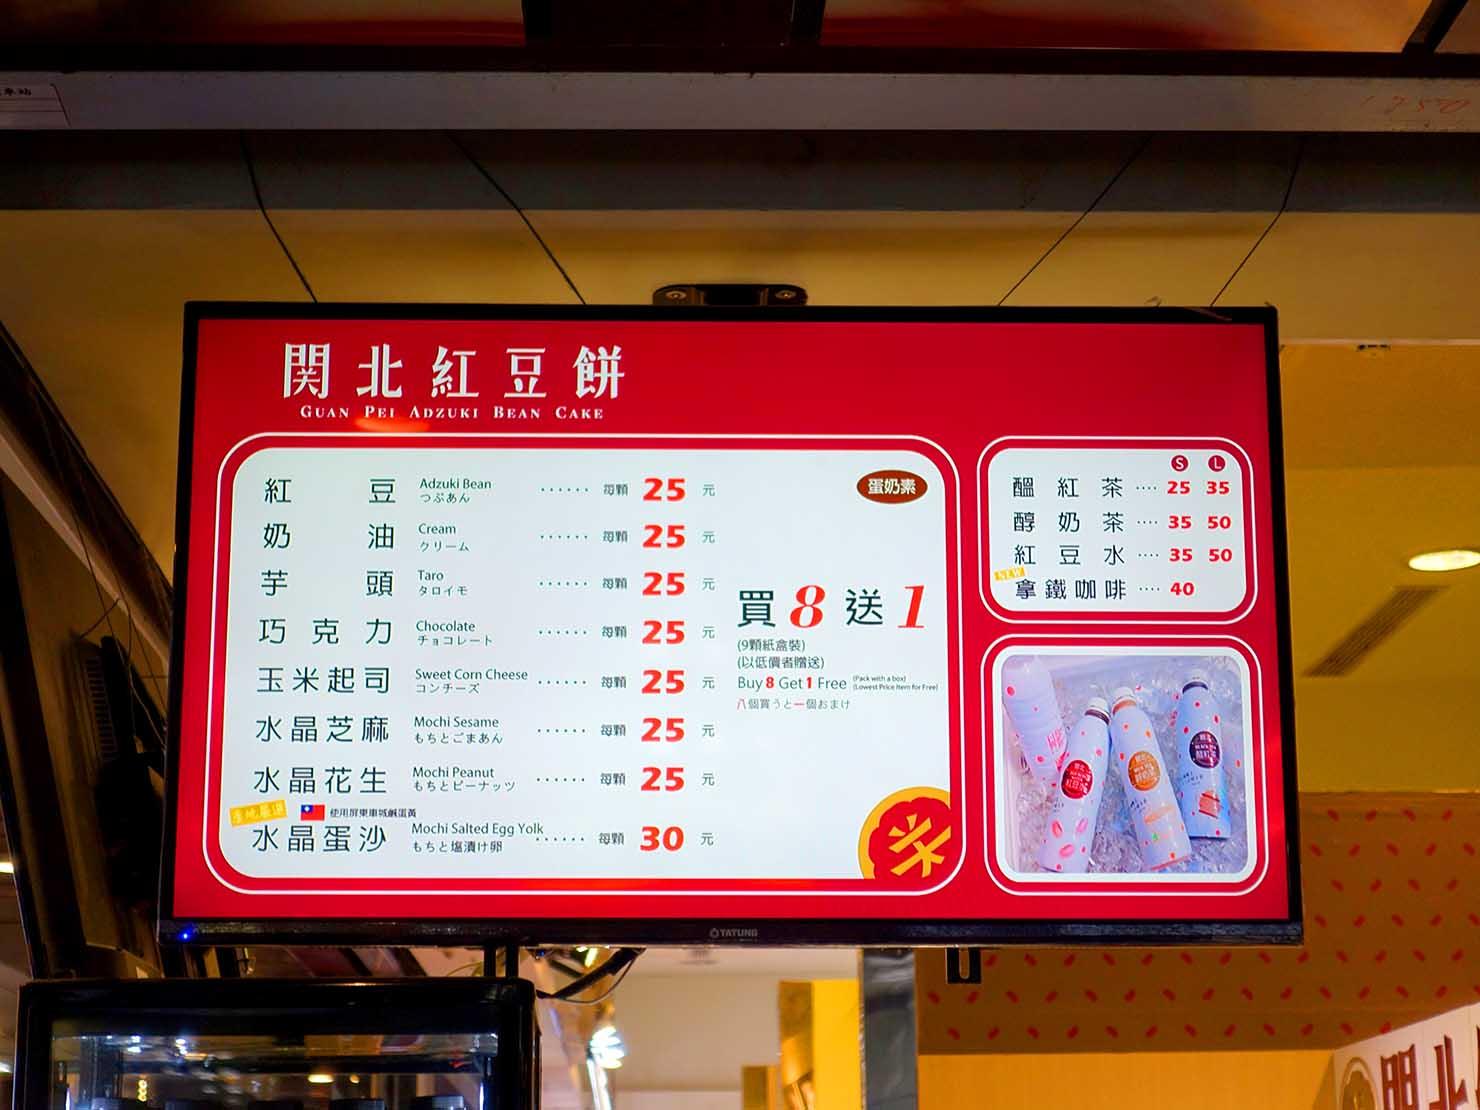 台北駅駅ナカ(車站大廳)のおすすめグルメ店「關北紅豆餅」のメニュー